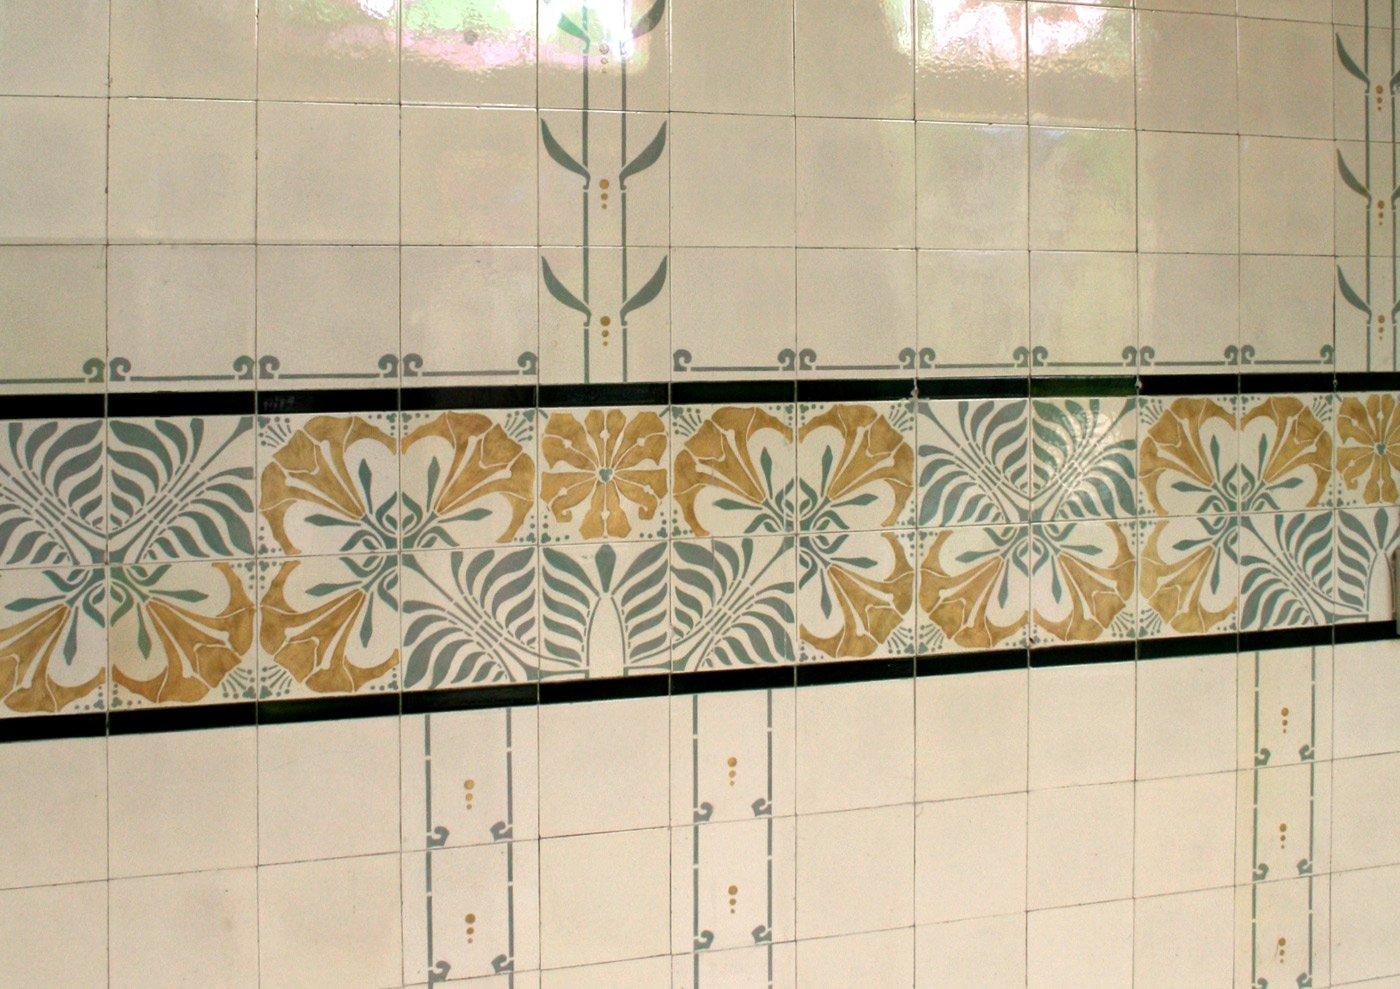 Tegels in badkamer Villa Serphos